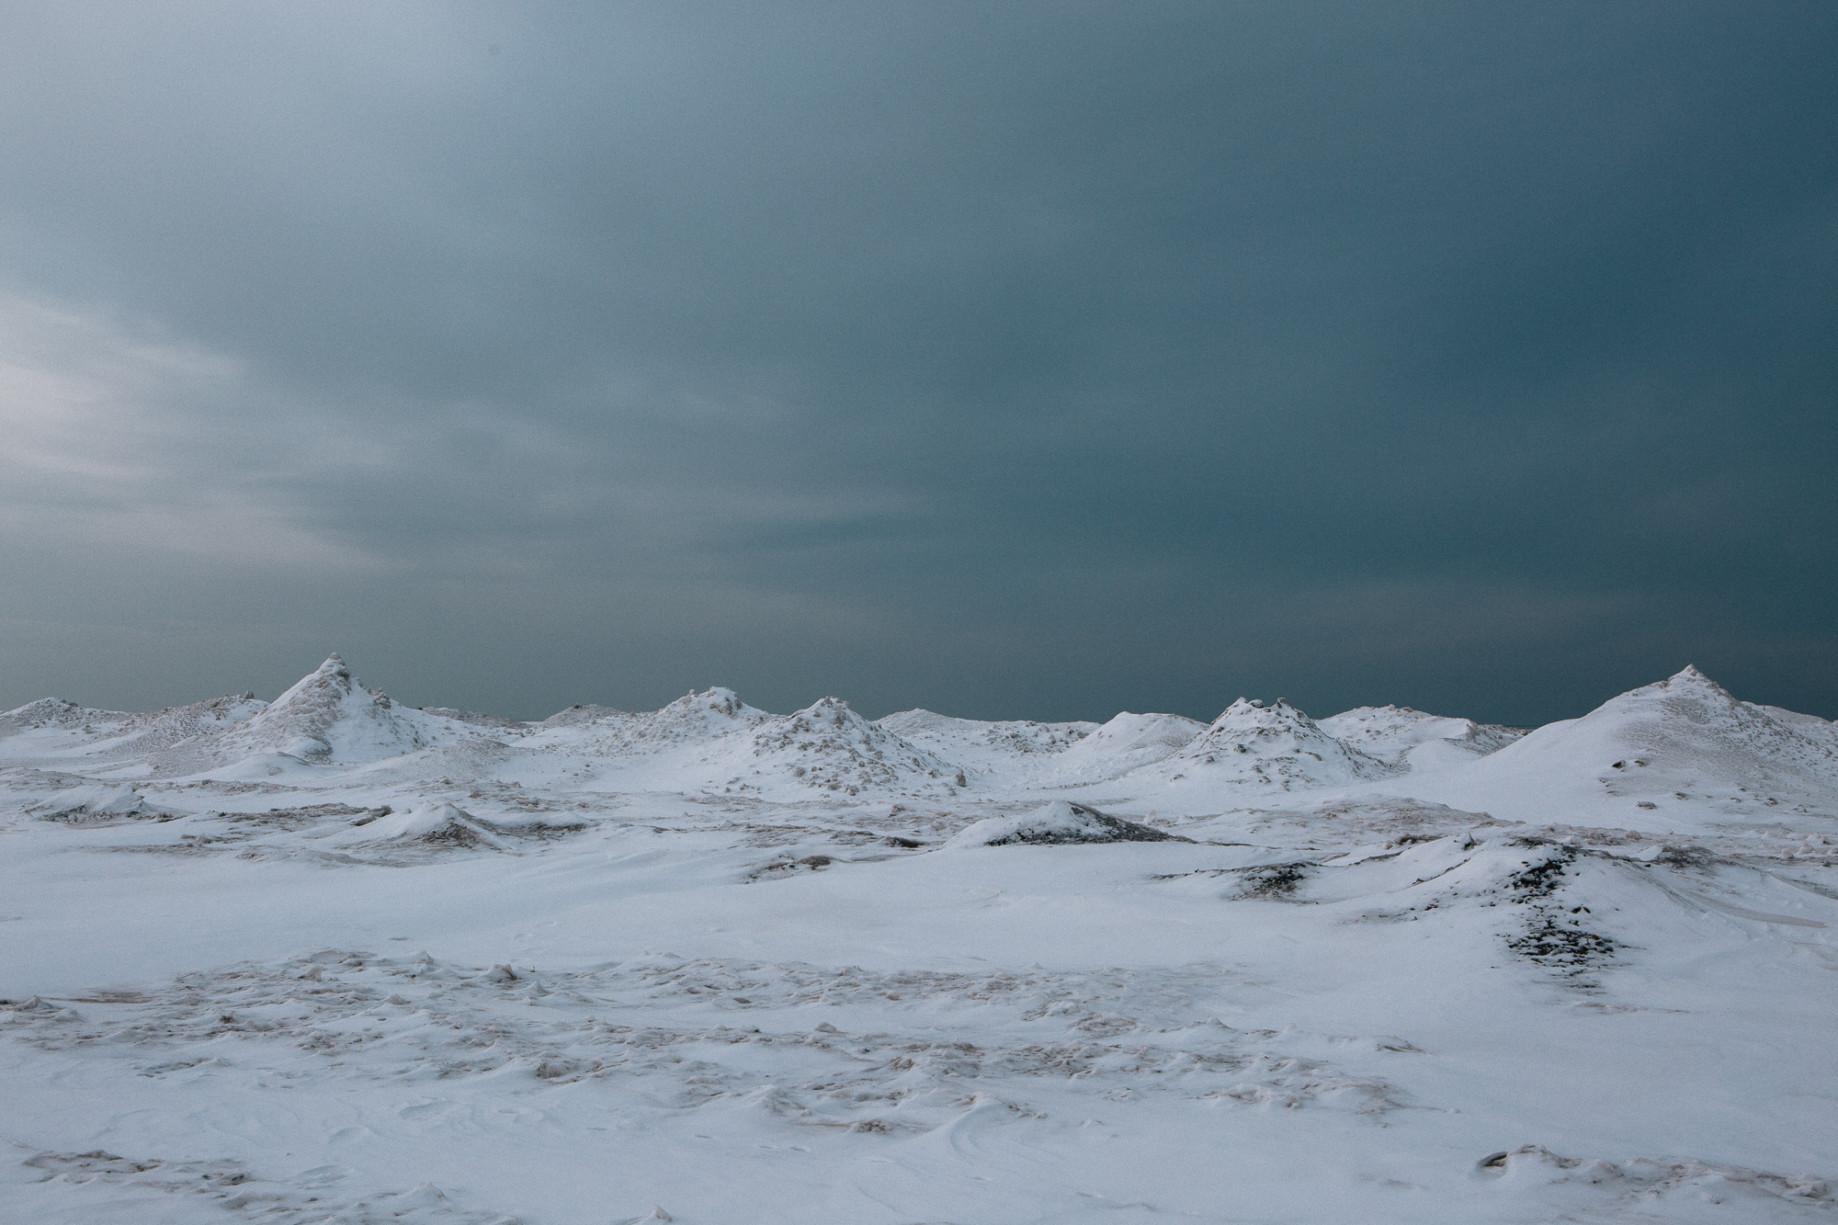 simonweller-frozenstates-lakeontario